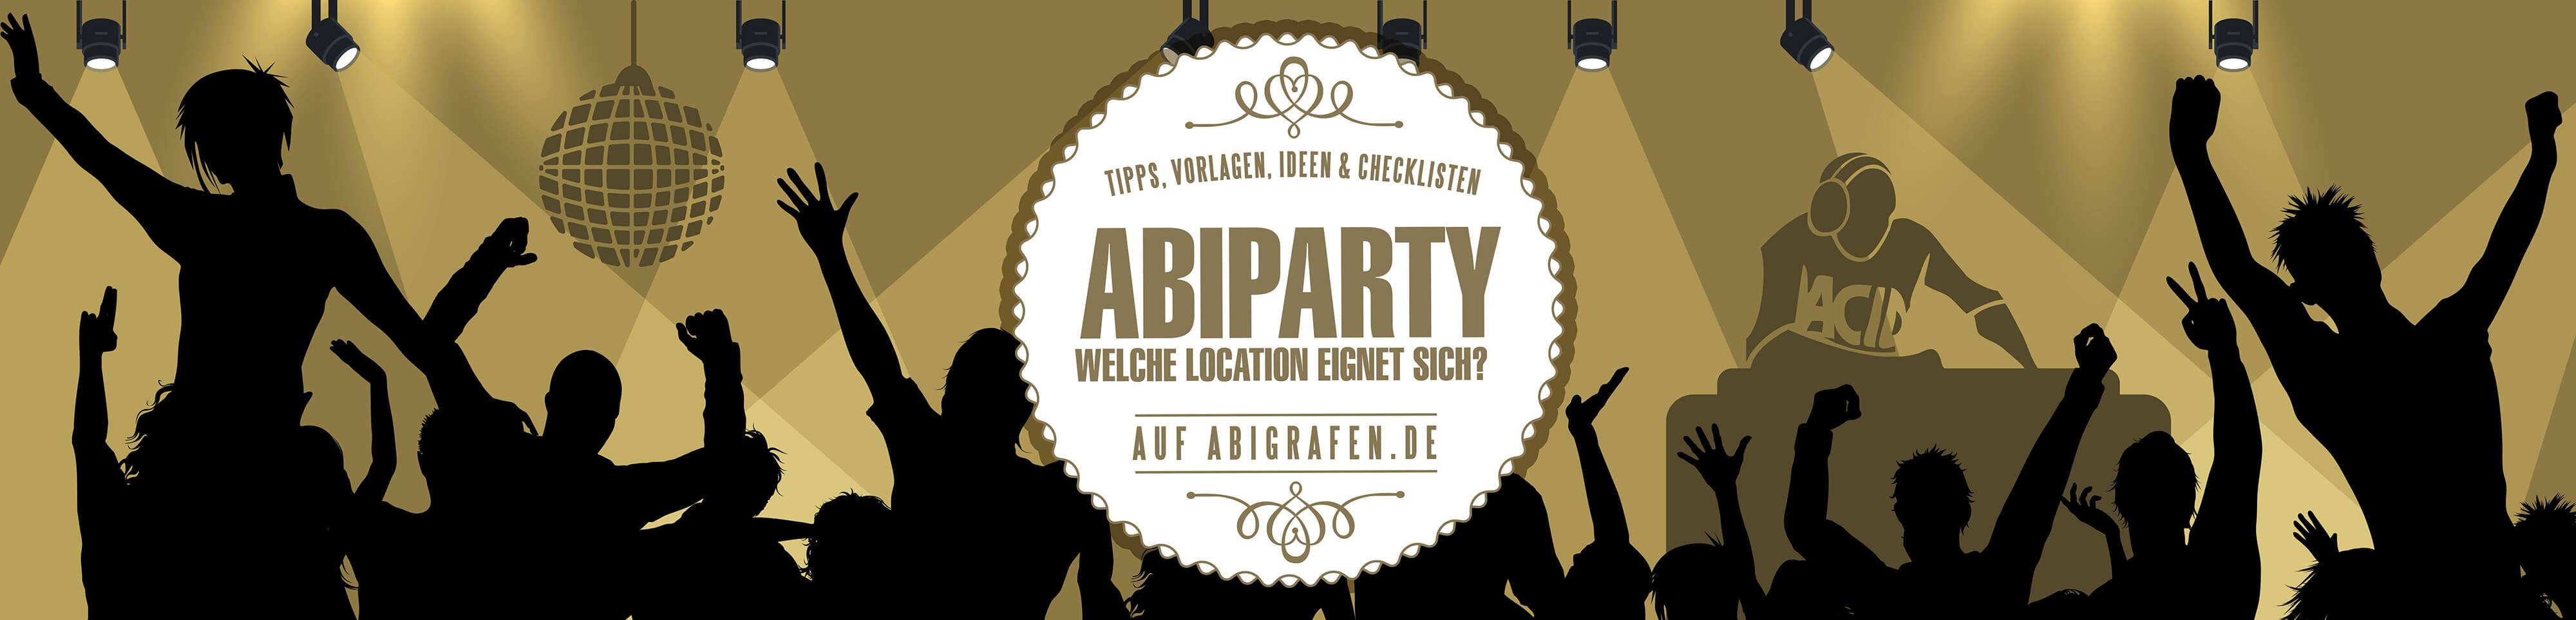 Abi Party Location finden: Wichtige Informationen, Checklisten & Tipps zu Preisverhandlungen einer Vofifete in alternativen Lokalitäten